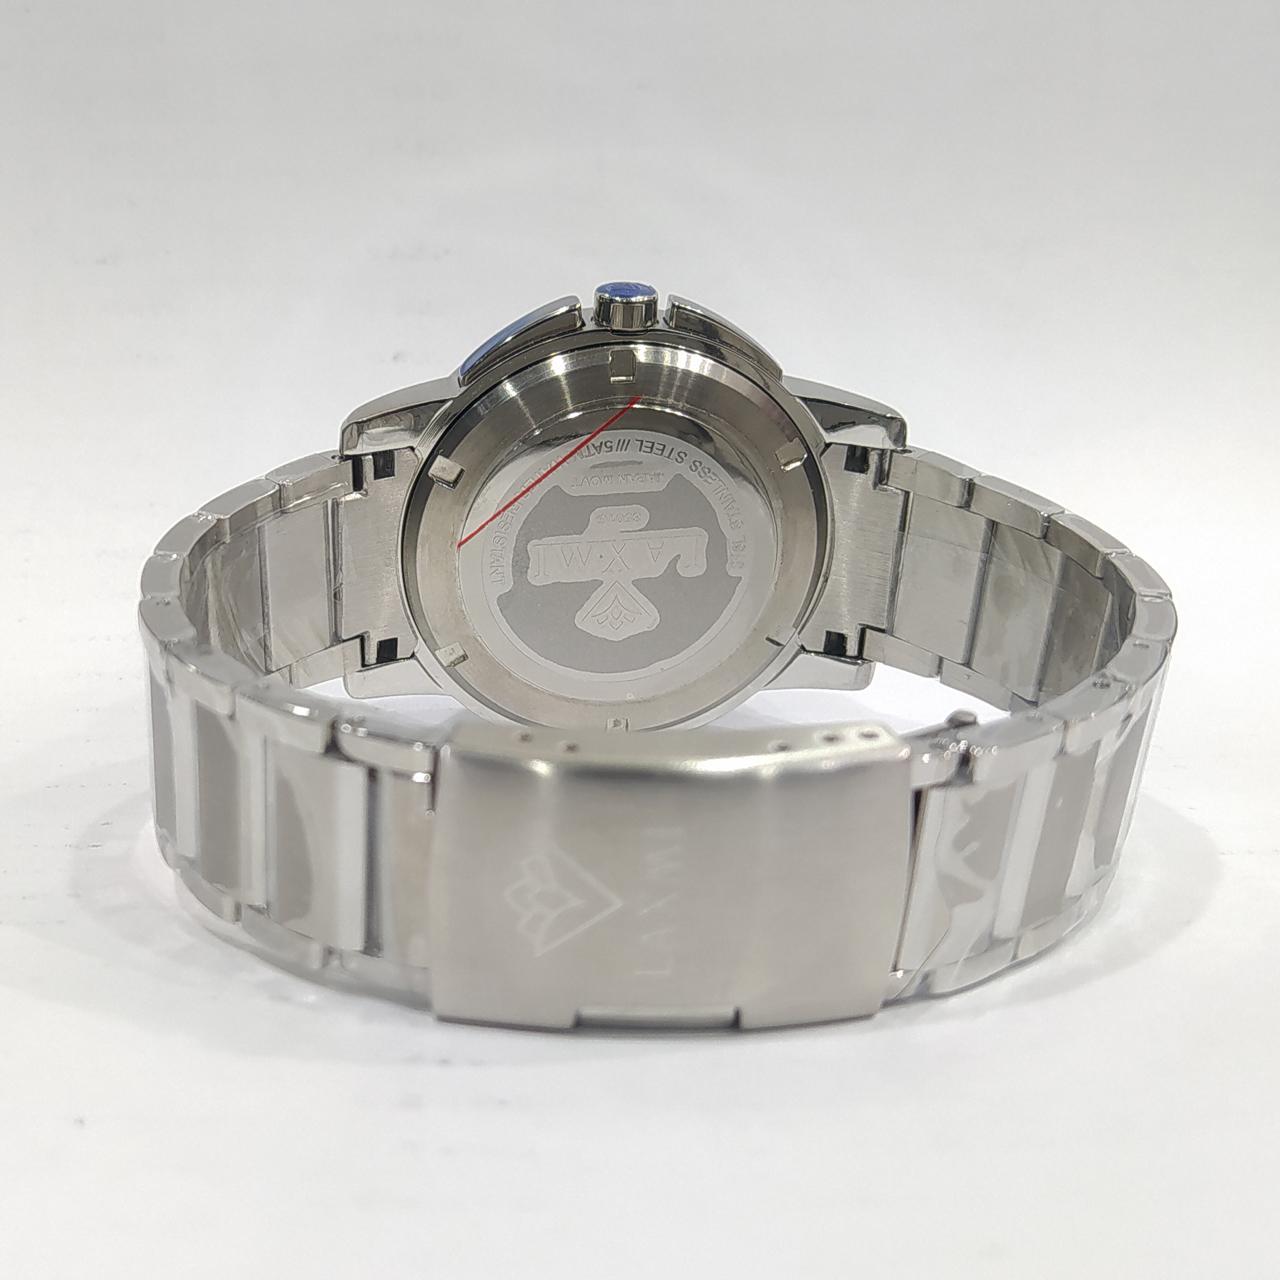 ست ساعت مچی عقربه ای لاکسمی مدل 8501G-8501L-15